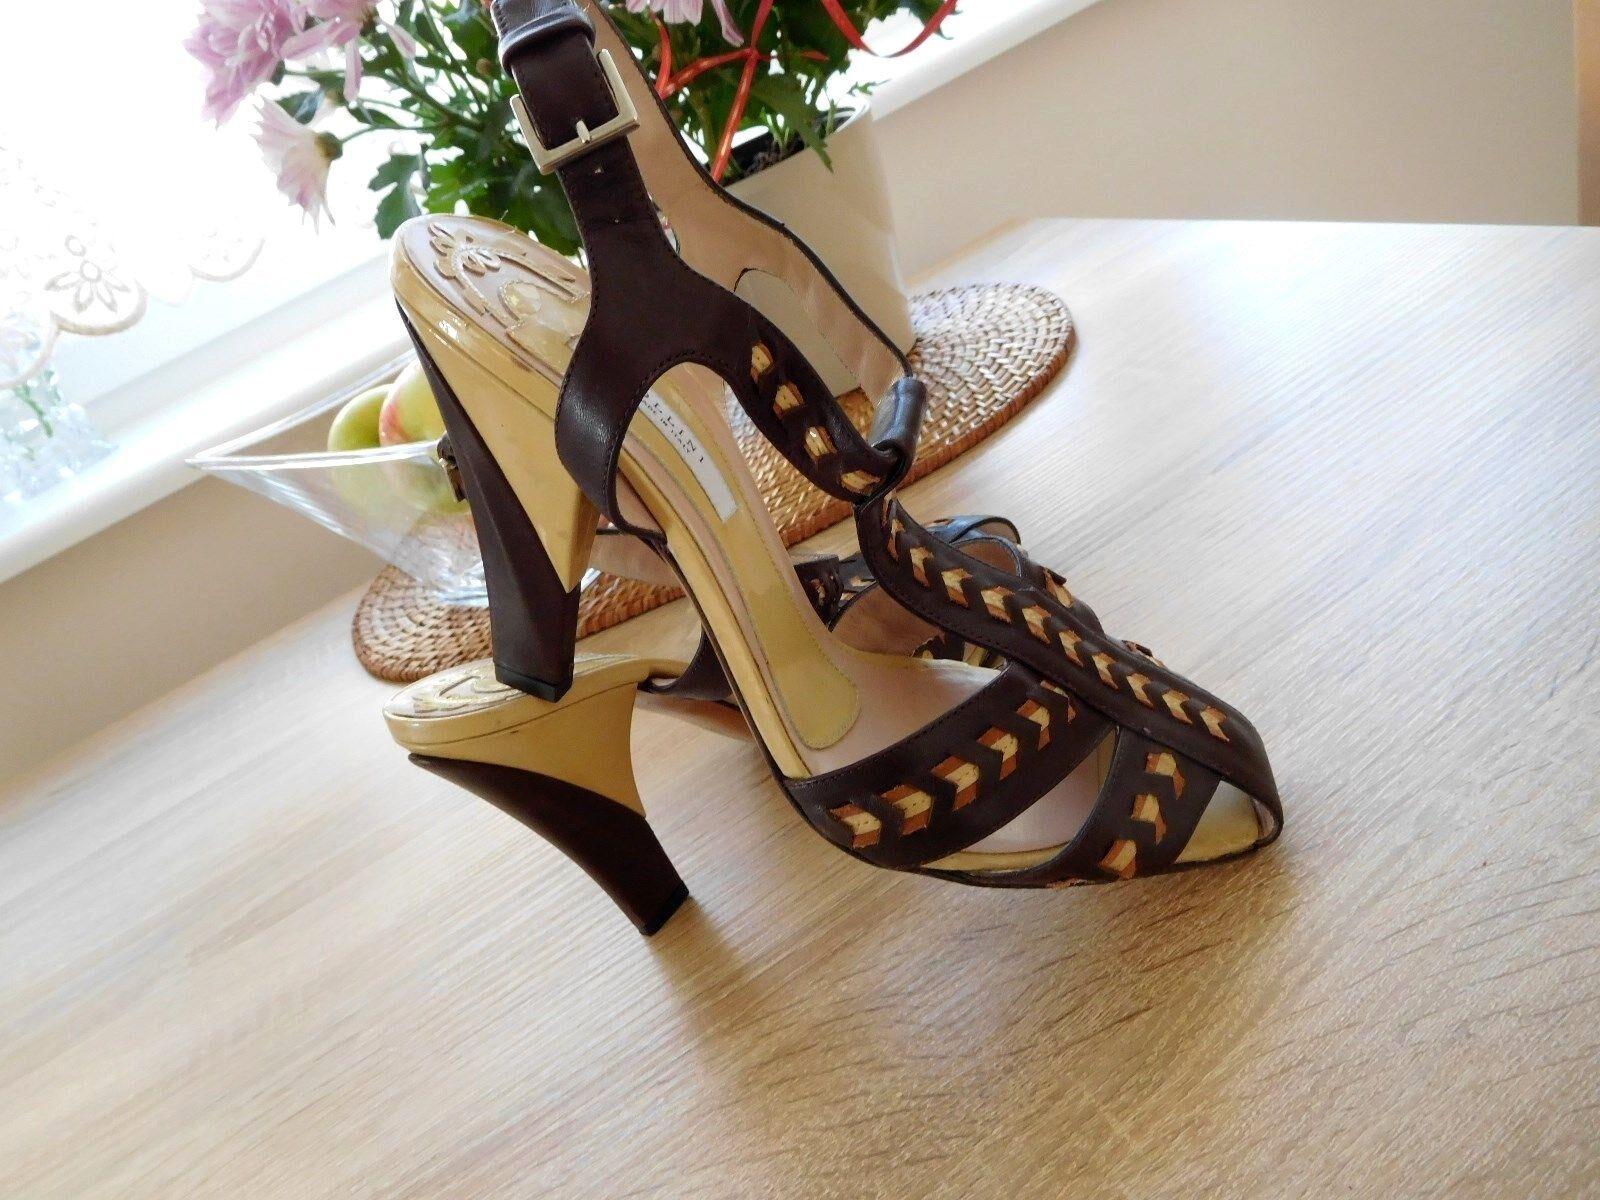 Einzigartige Einzigartige Einzigartige hochwertige Schuhe von POLLINI 100% Original gr.39 Schokobraun=NEU 2b6e53